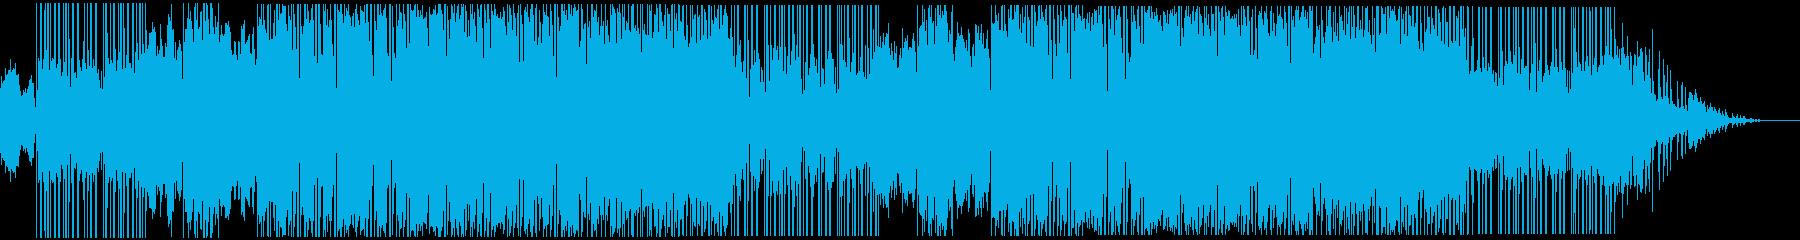 スキャットが印象的なR&B風エレクトロの再生済みの波形